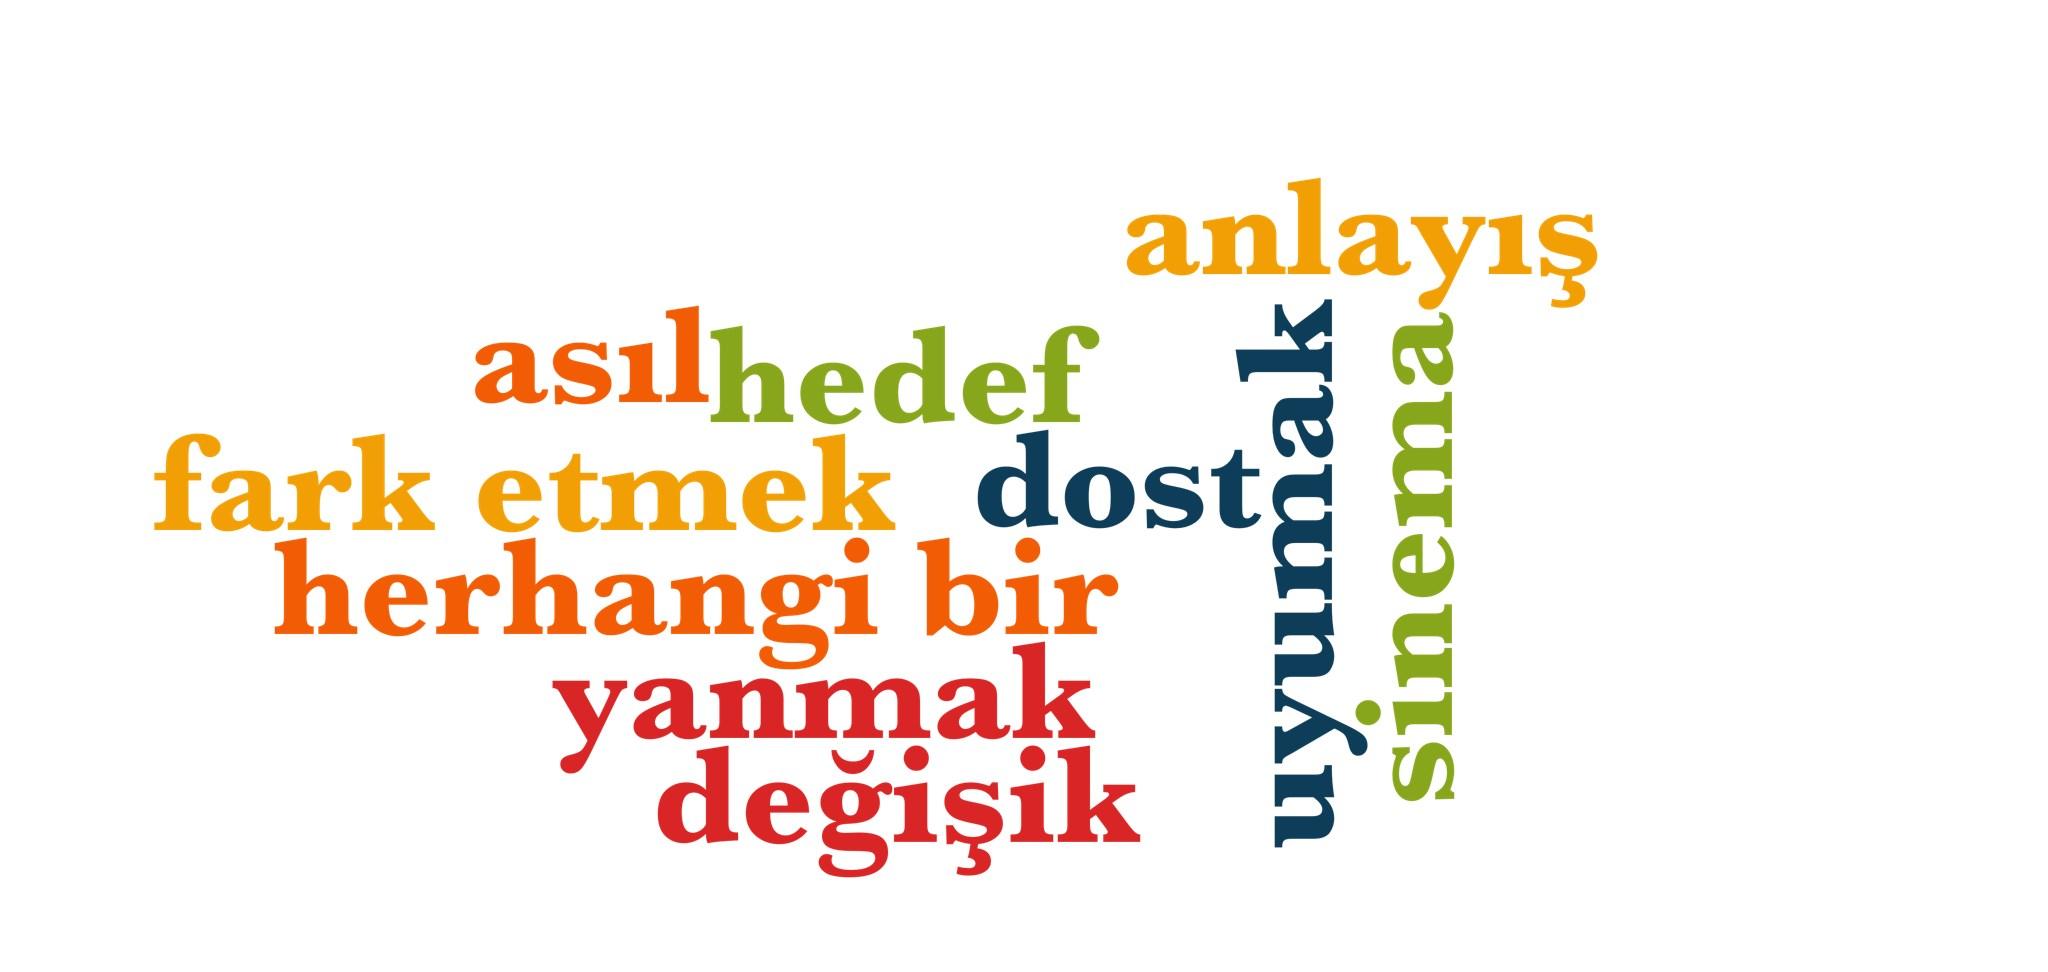 Wörter 600 bis 610 der 1000 häufigsten Wörter der türkischen Sprache